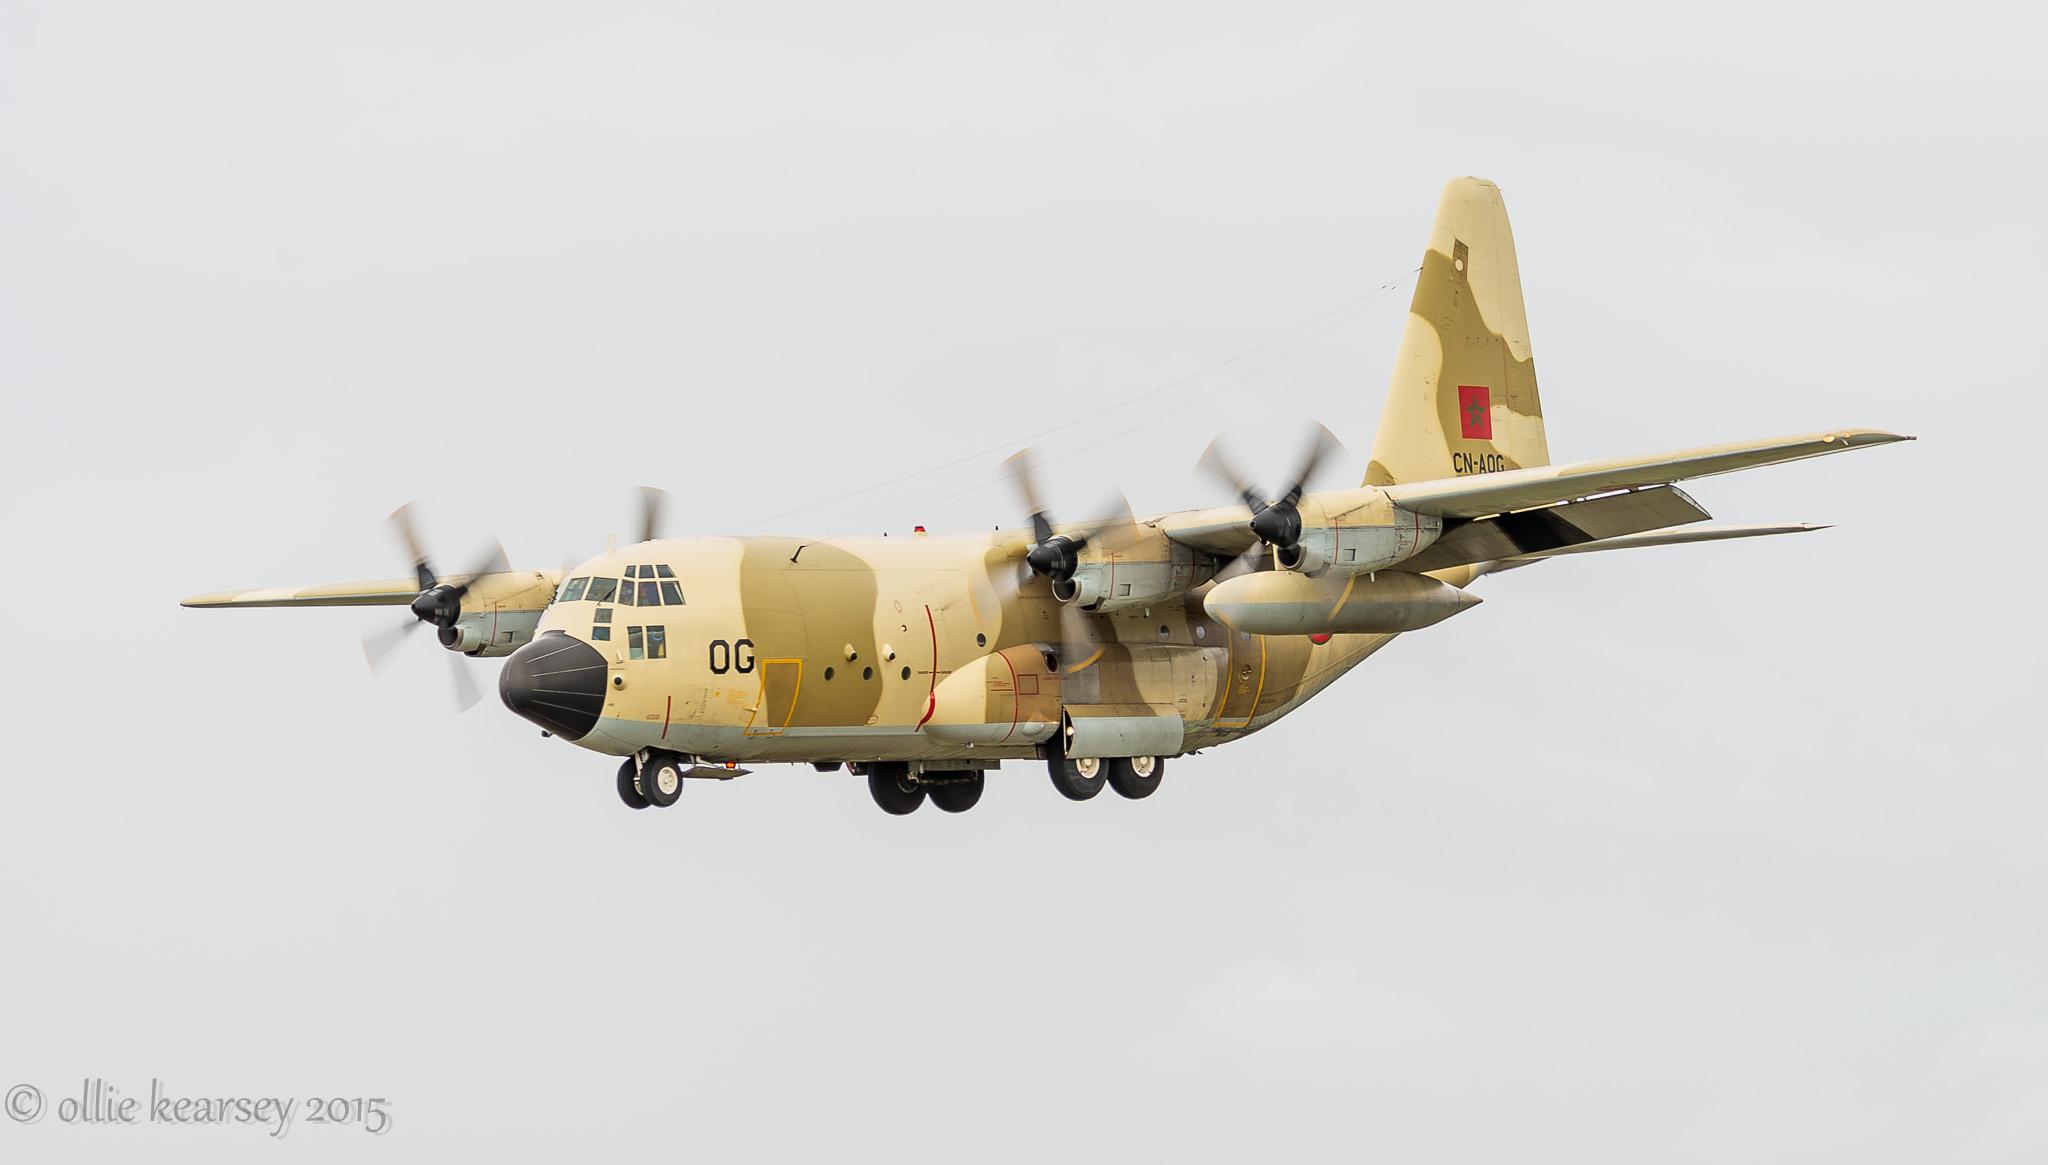 FRA: Photos d'avions de transport - Page 21 16686969845_3c17d67789_o